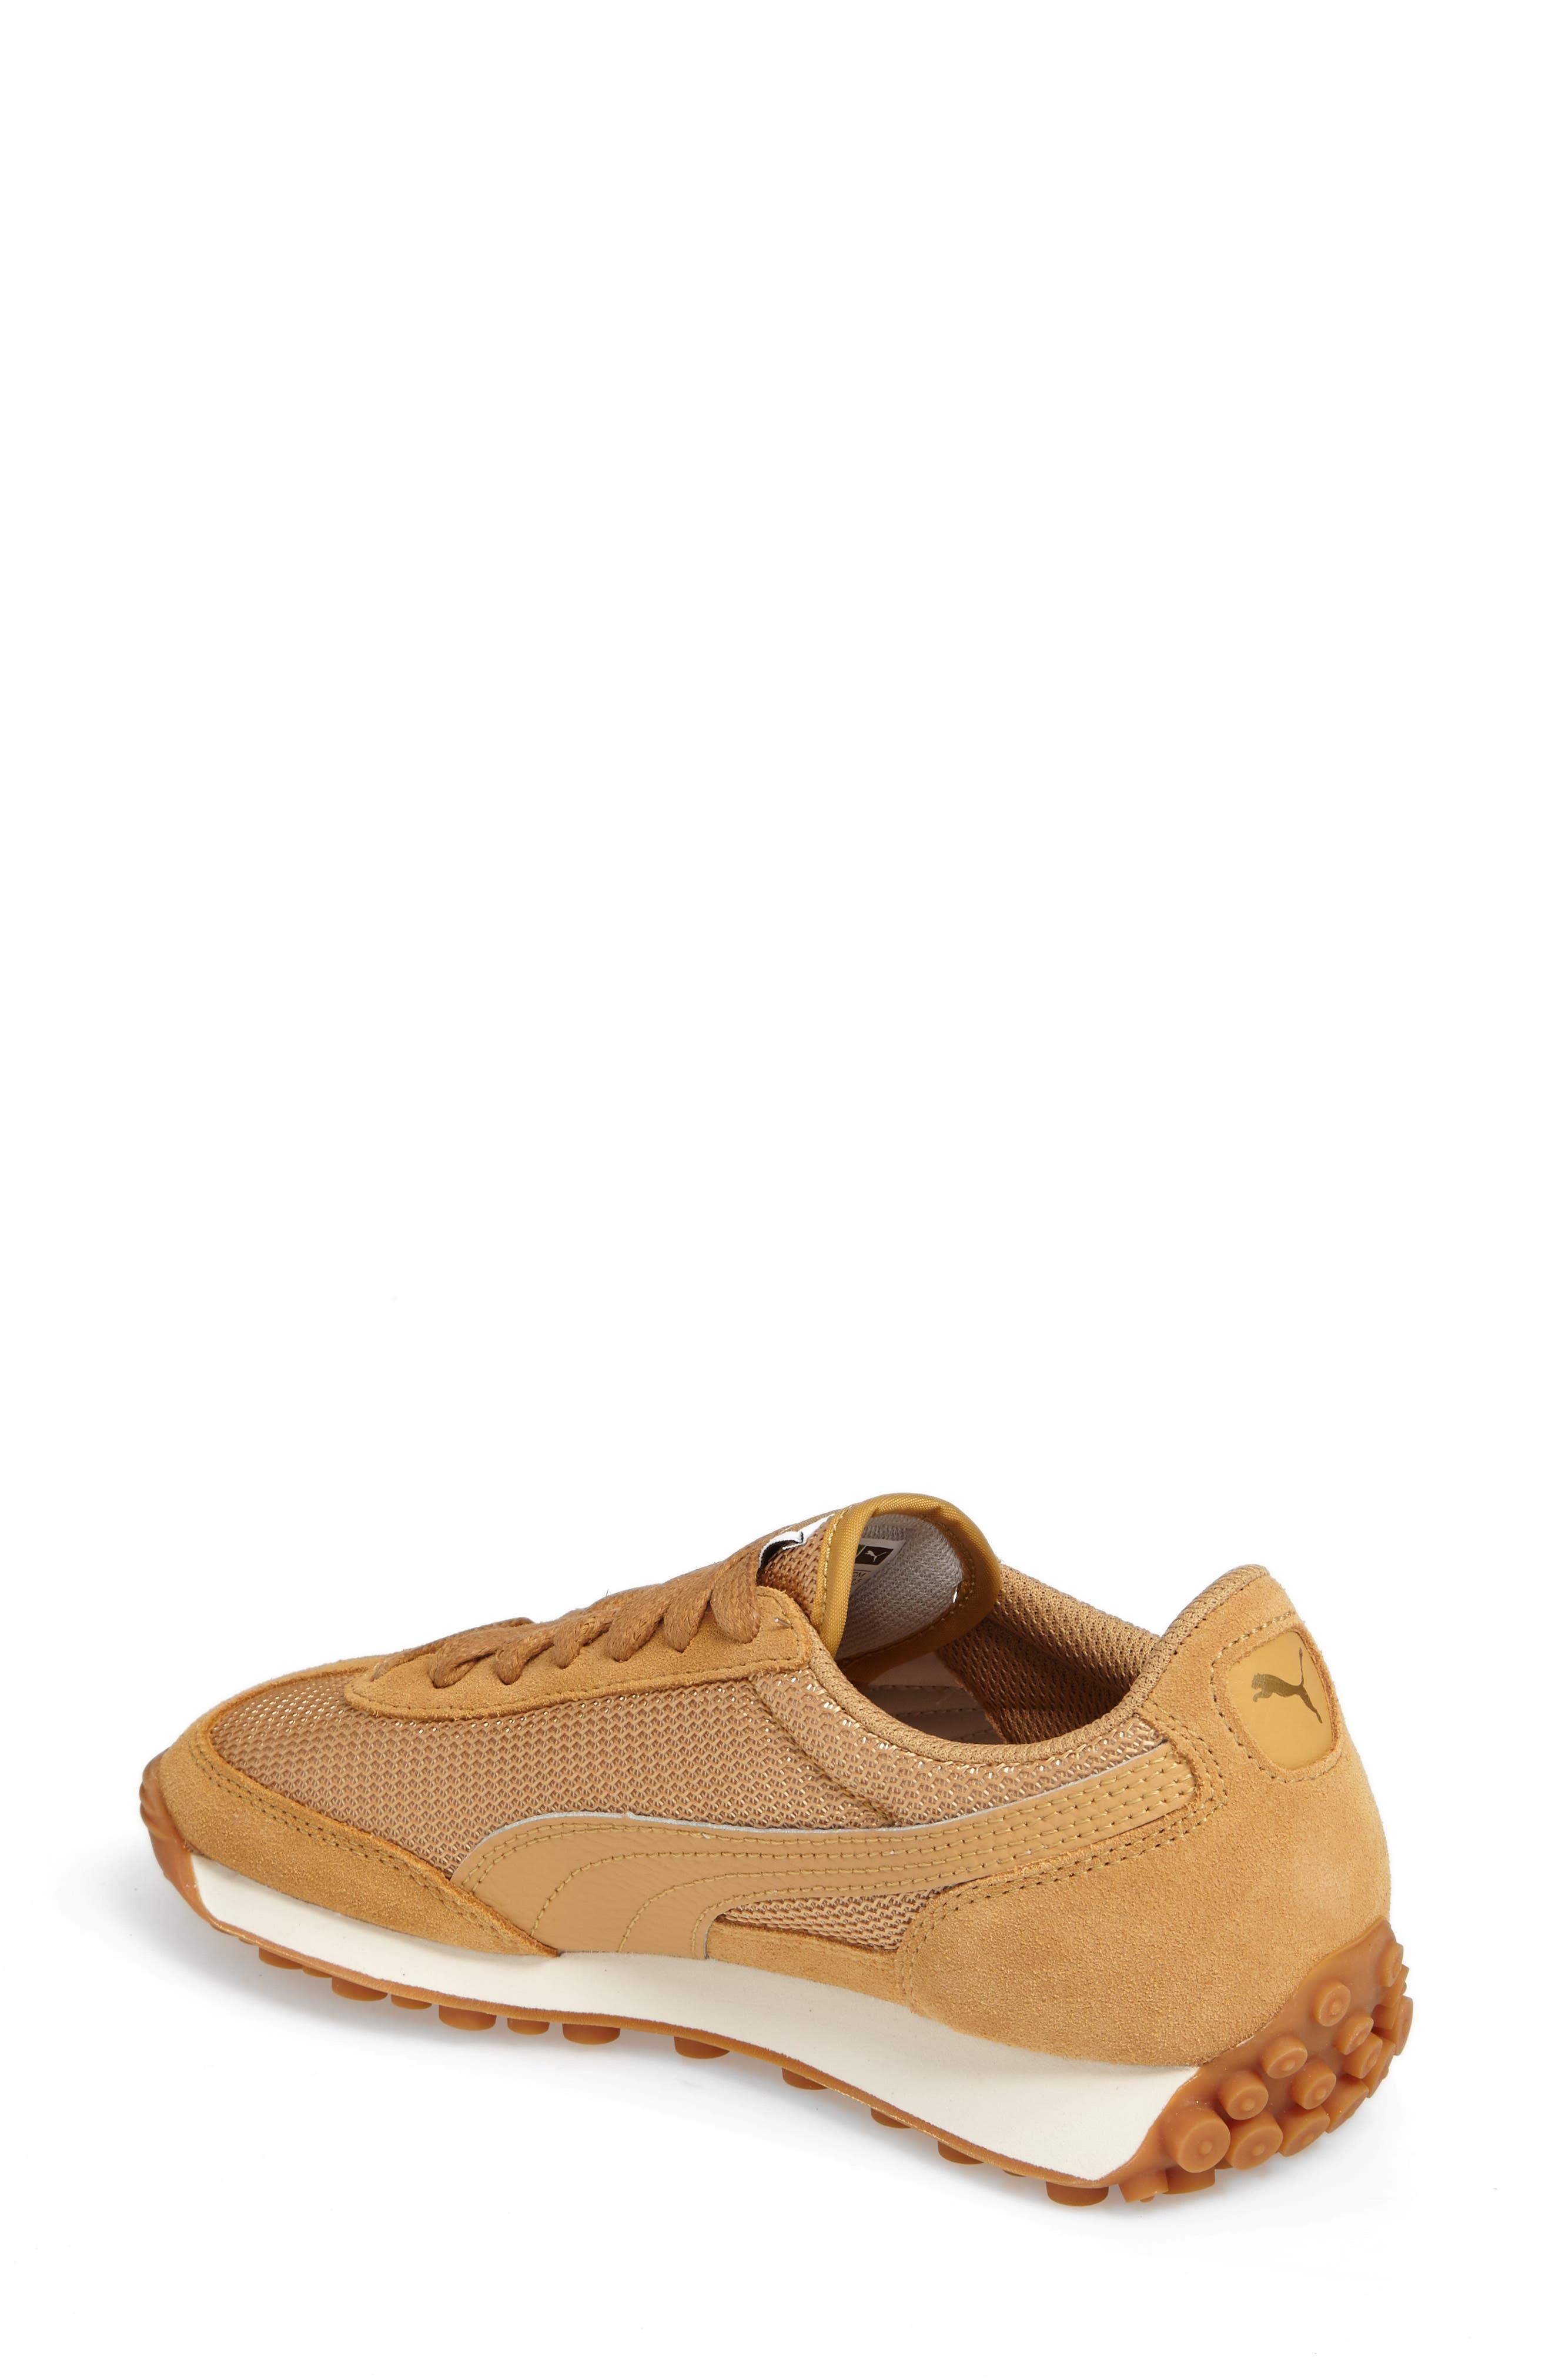 Easy Rider Sneaker,                             Alternate thumbnail 2, color,                             200